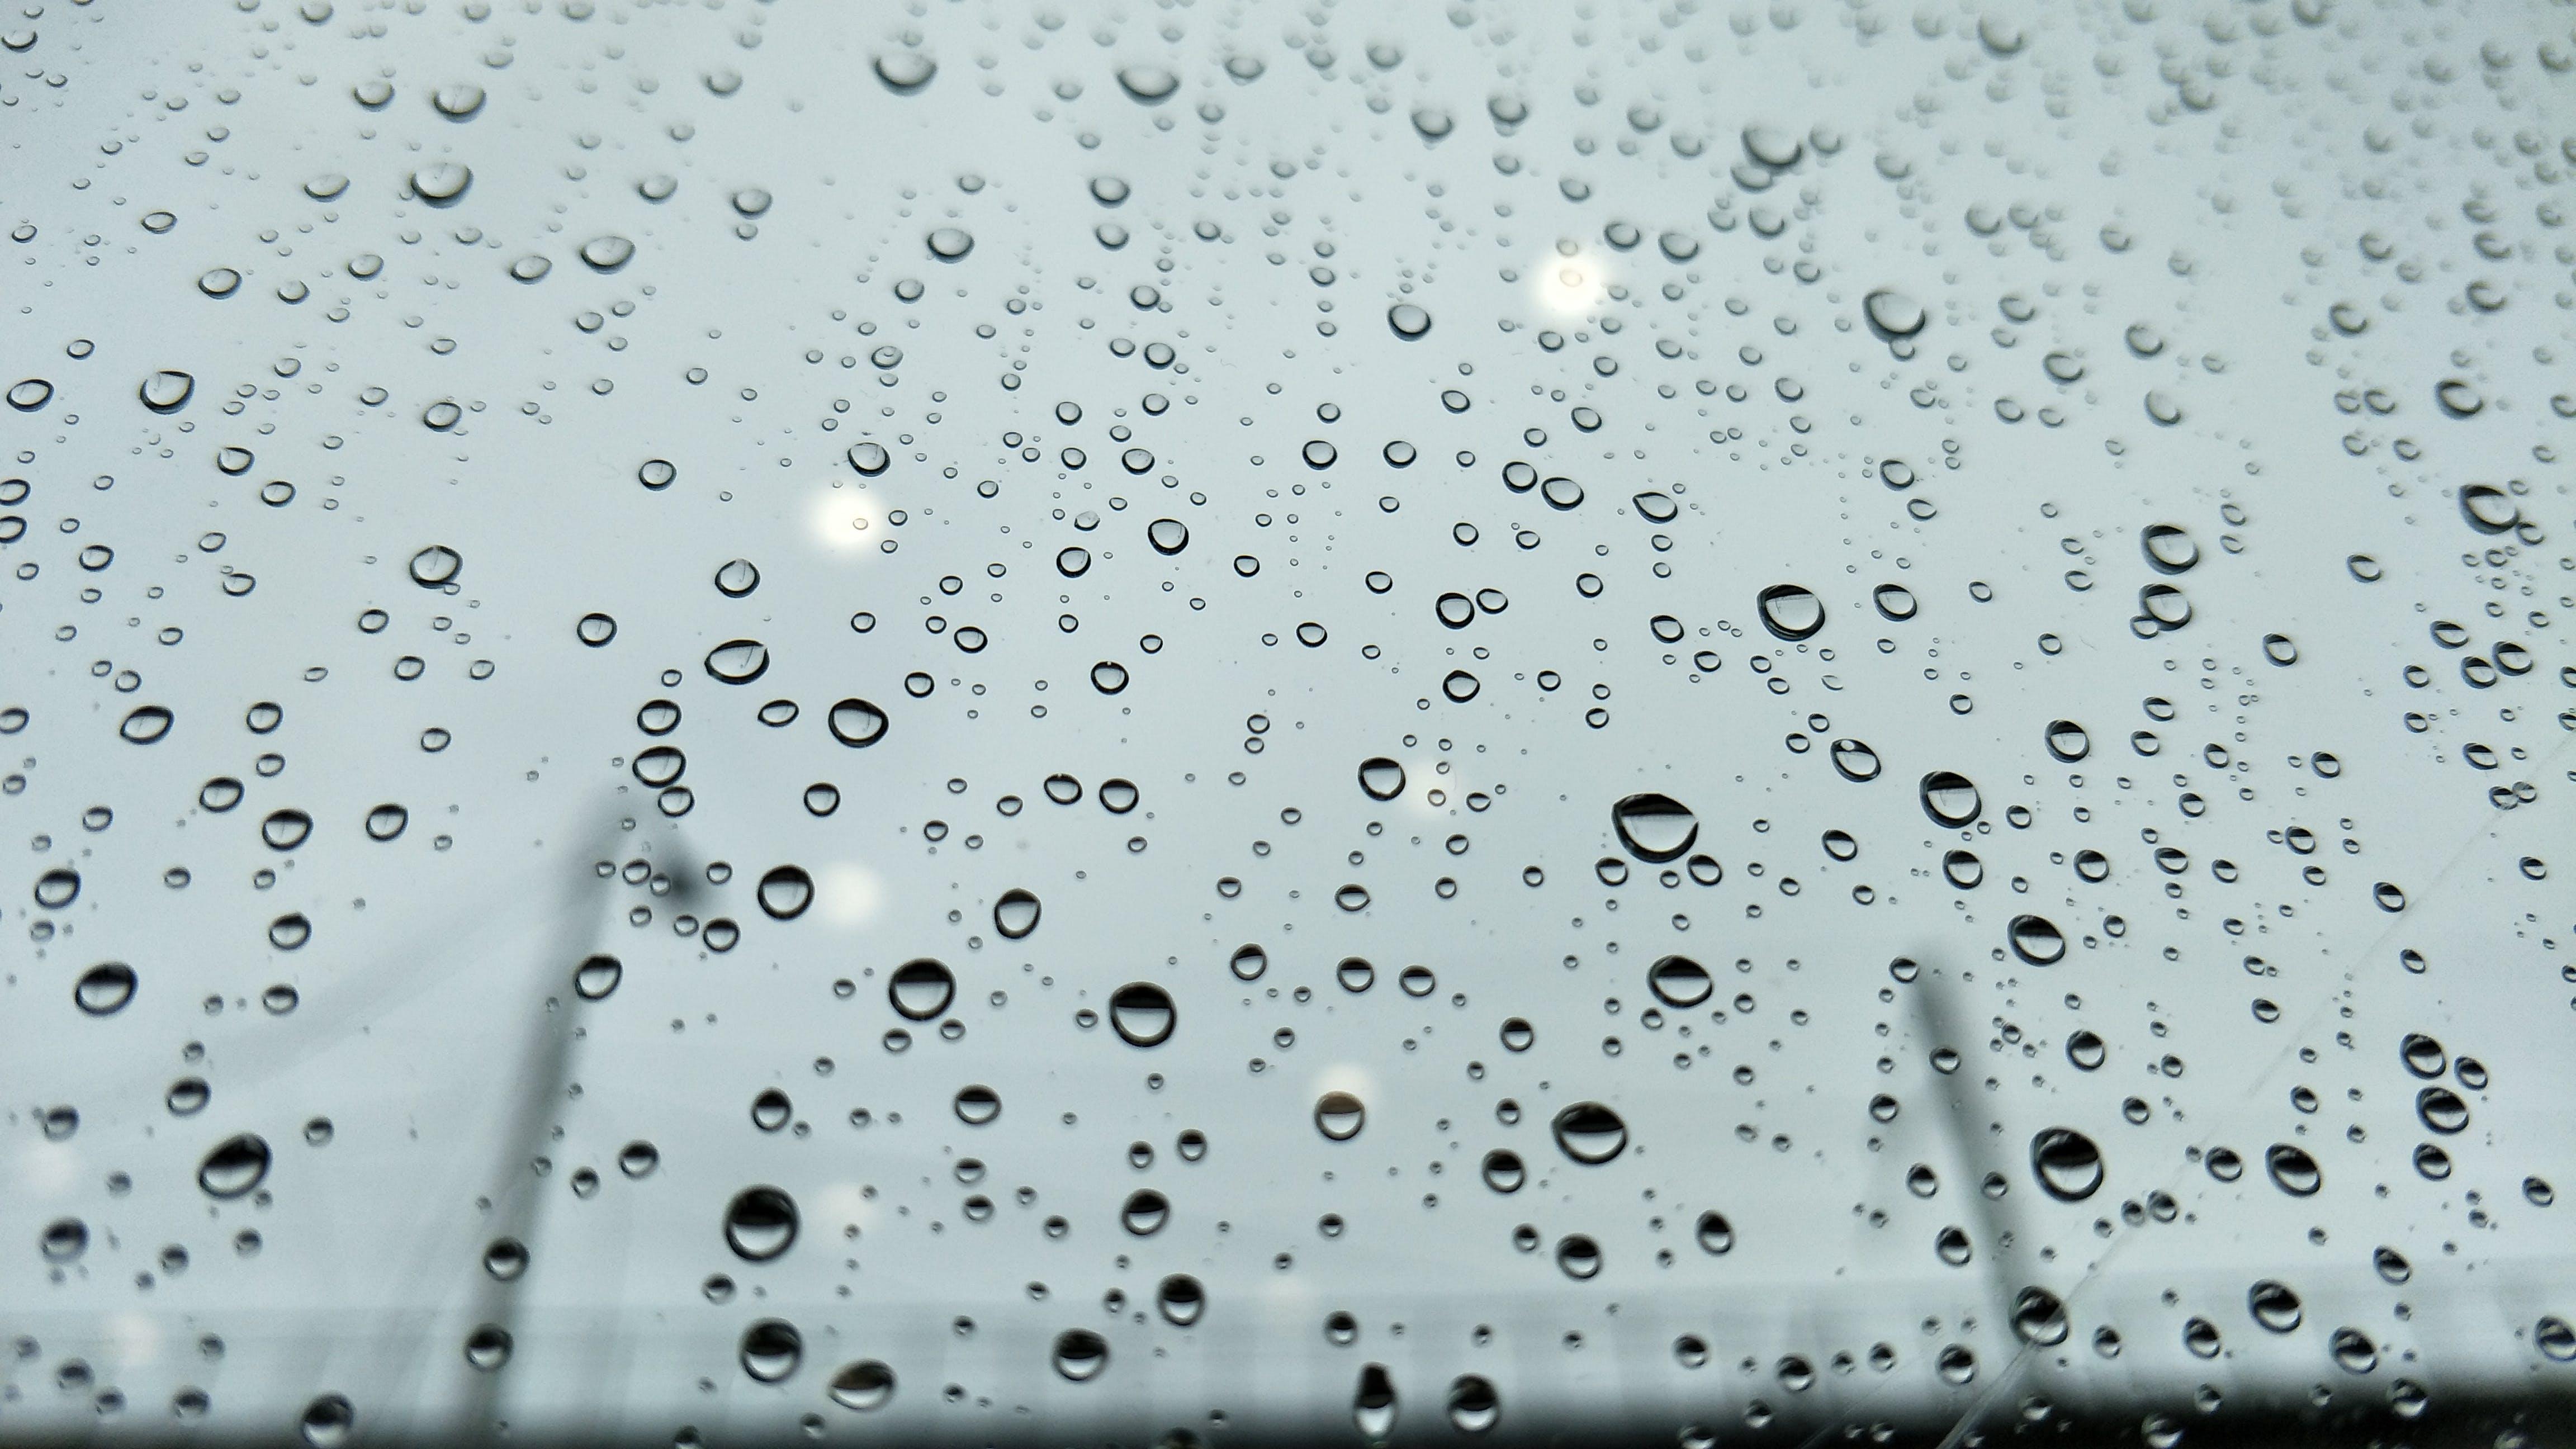 Immagine gratuita di acqua, bagnato, chiaro, gocce